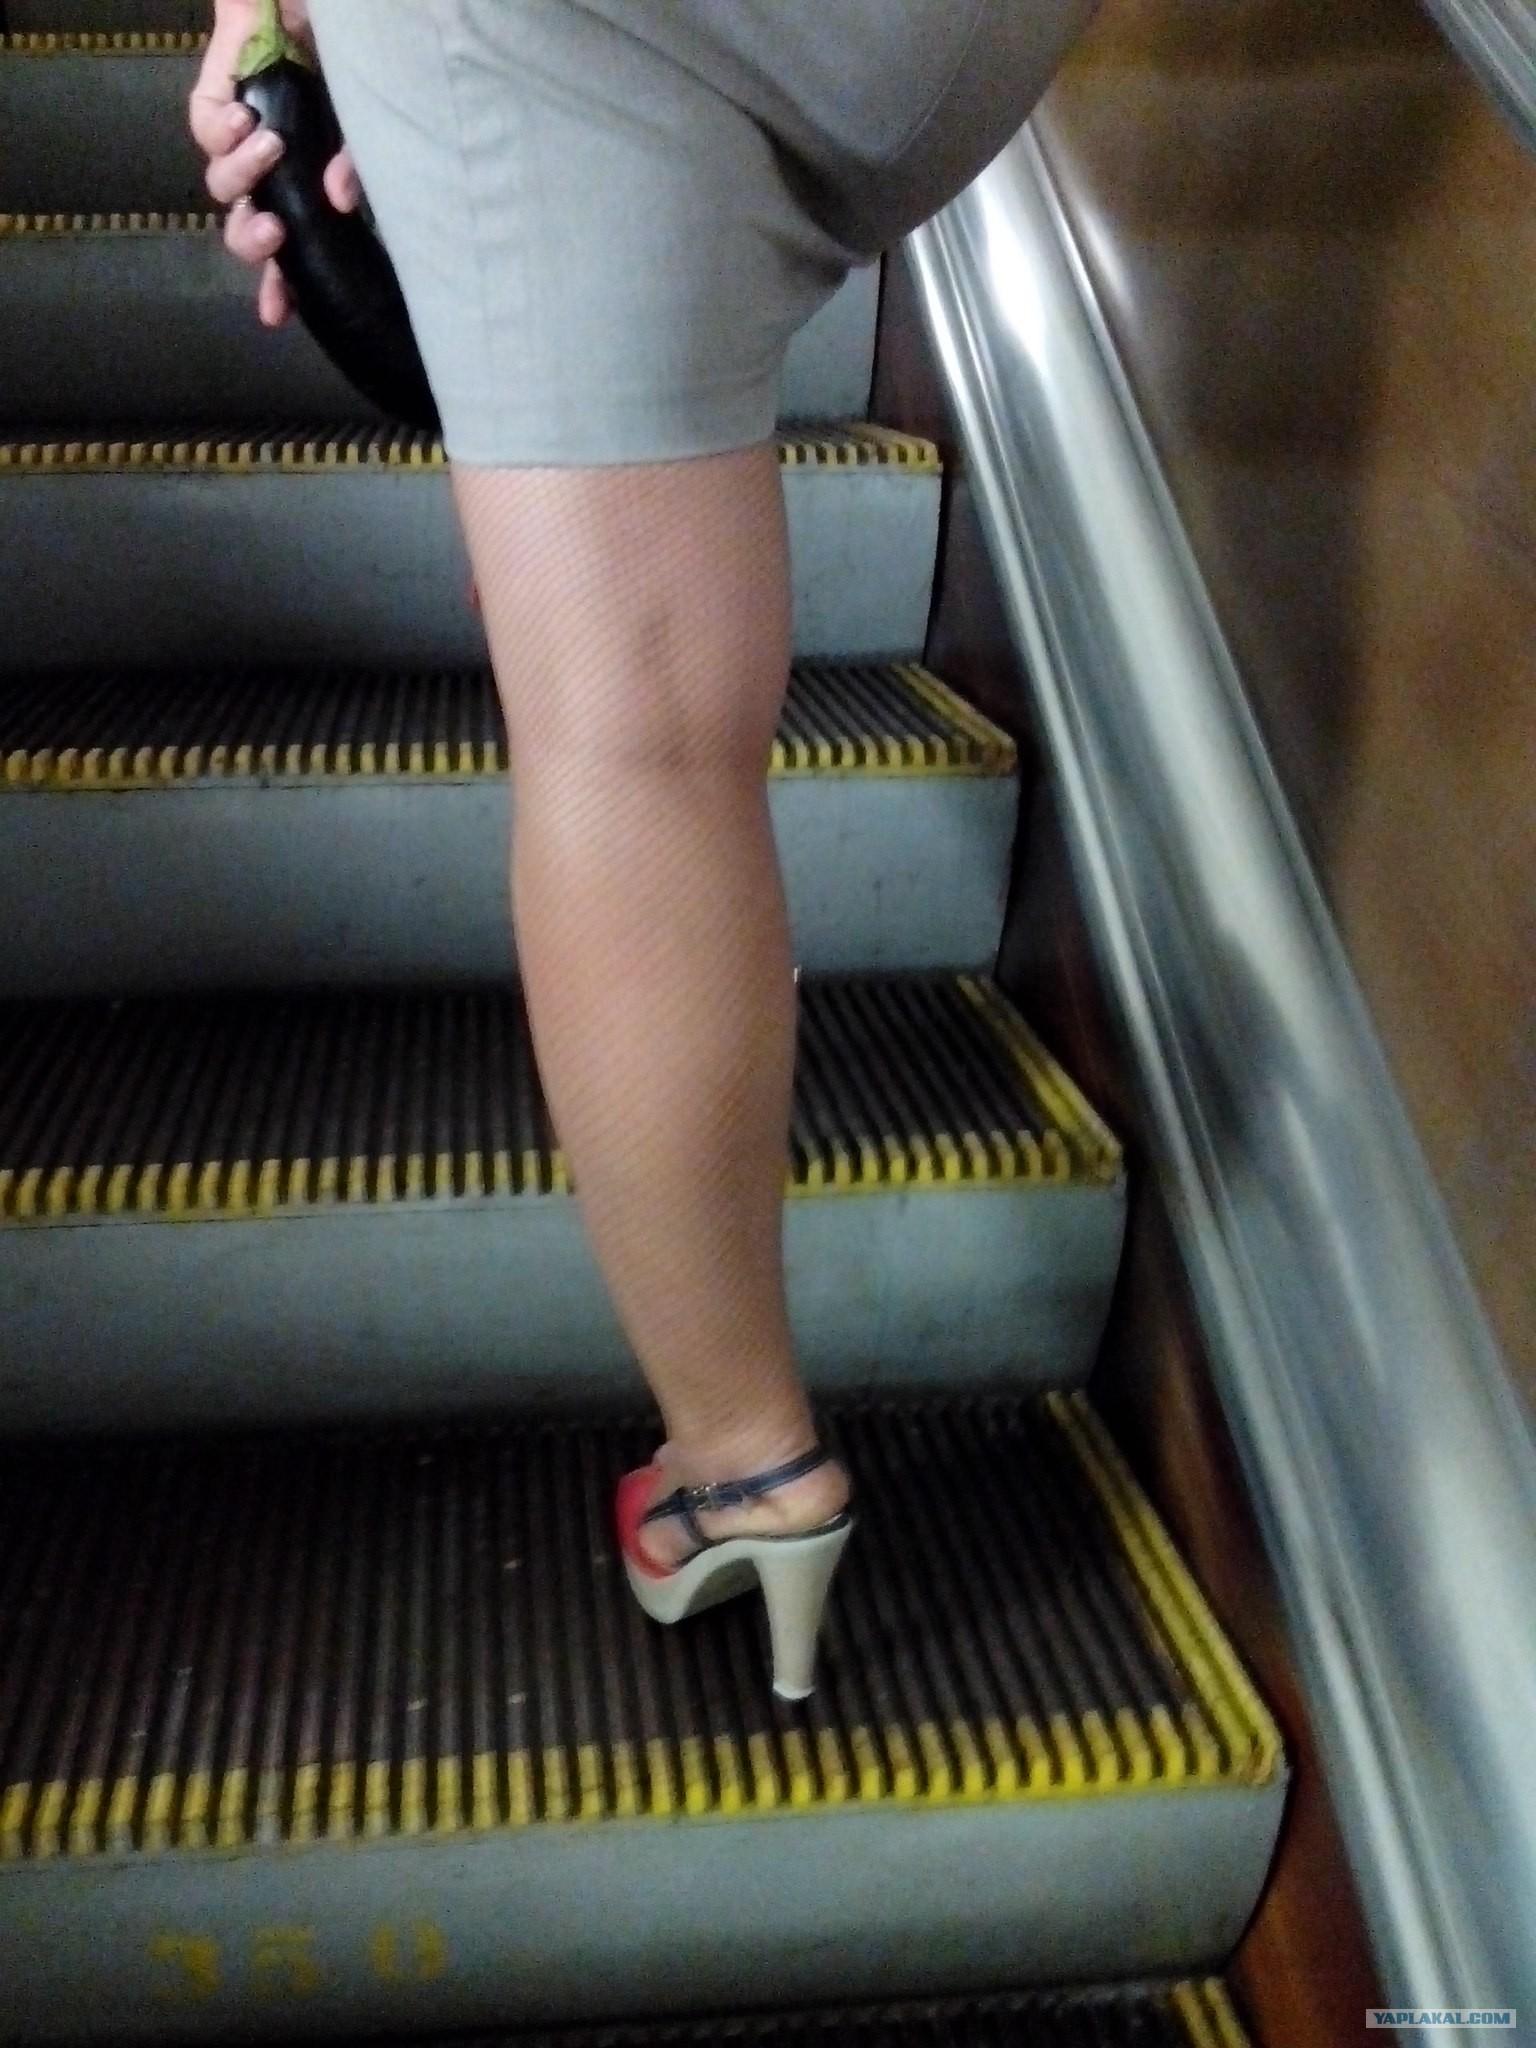 под юбкой на эсколаторе в метро видео онлайн